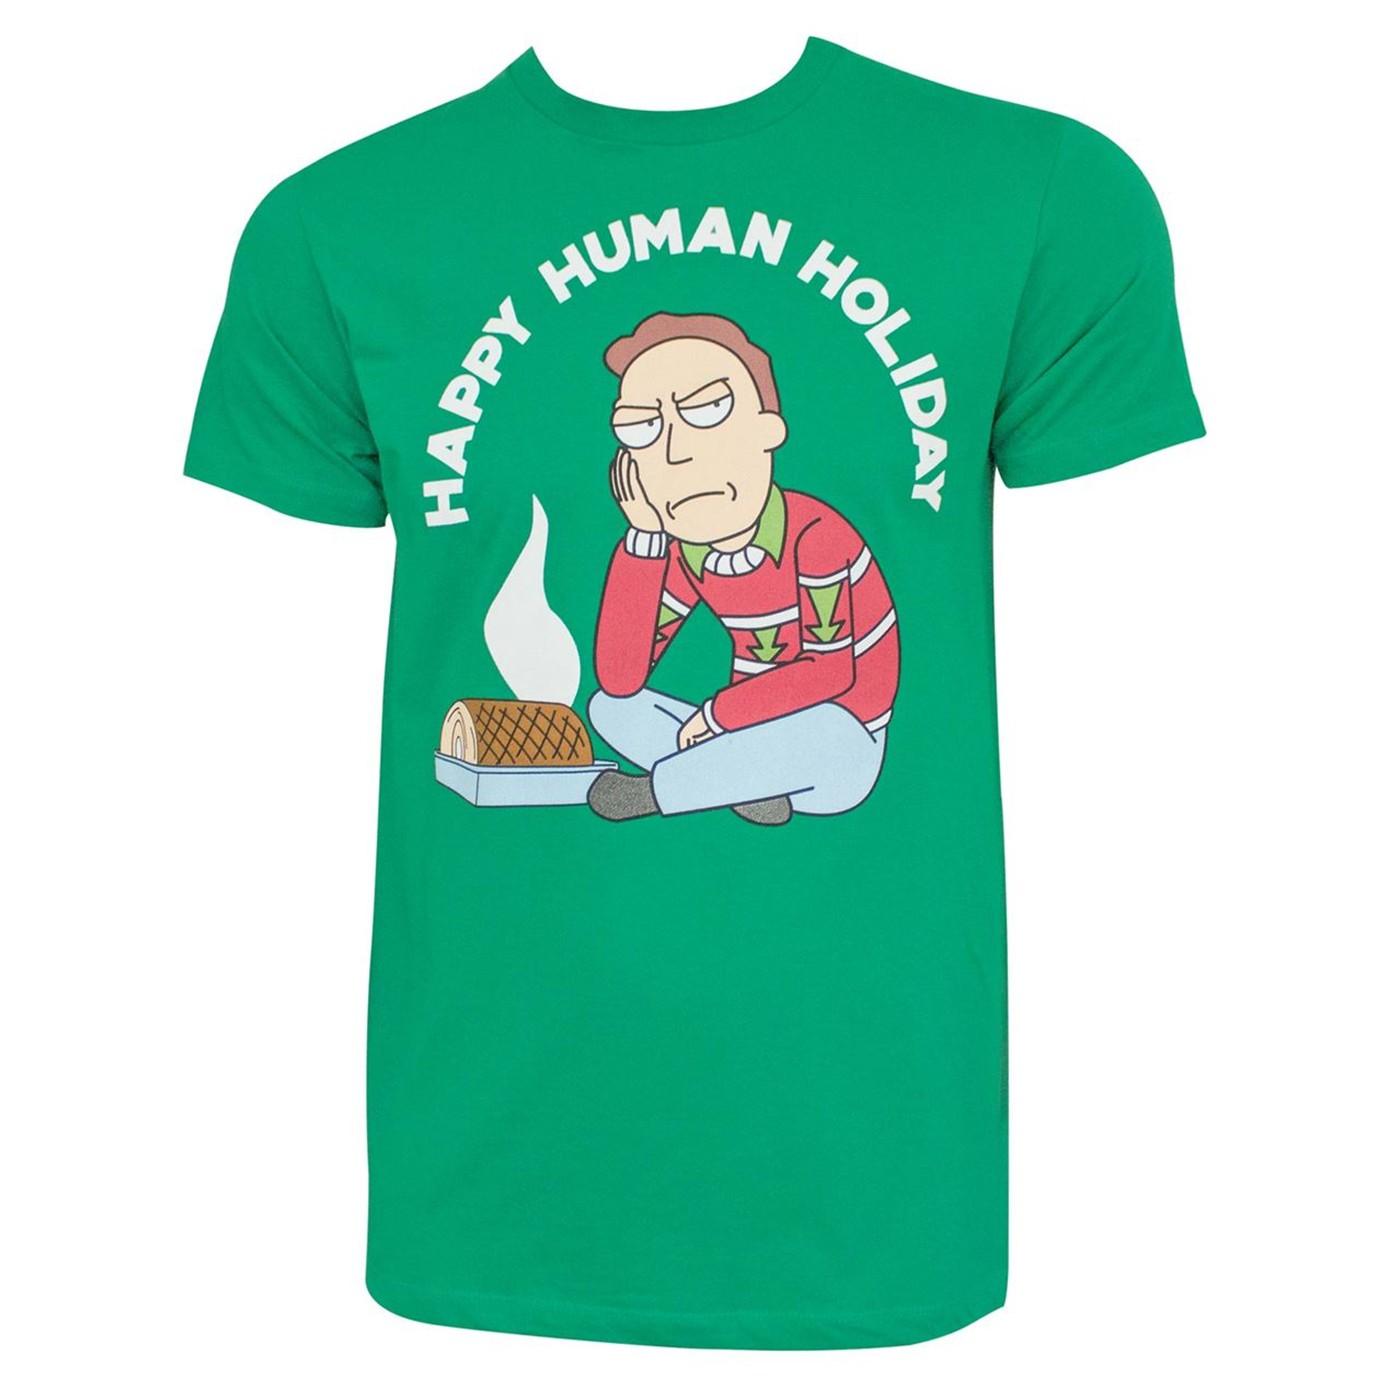 Rick and Morty Happy Human Holiday Tshirt